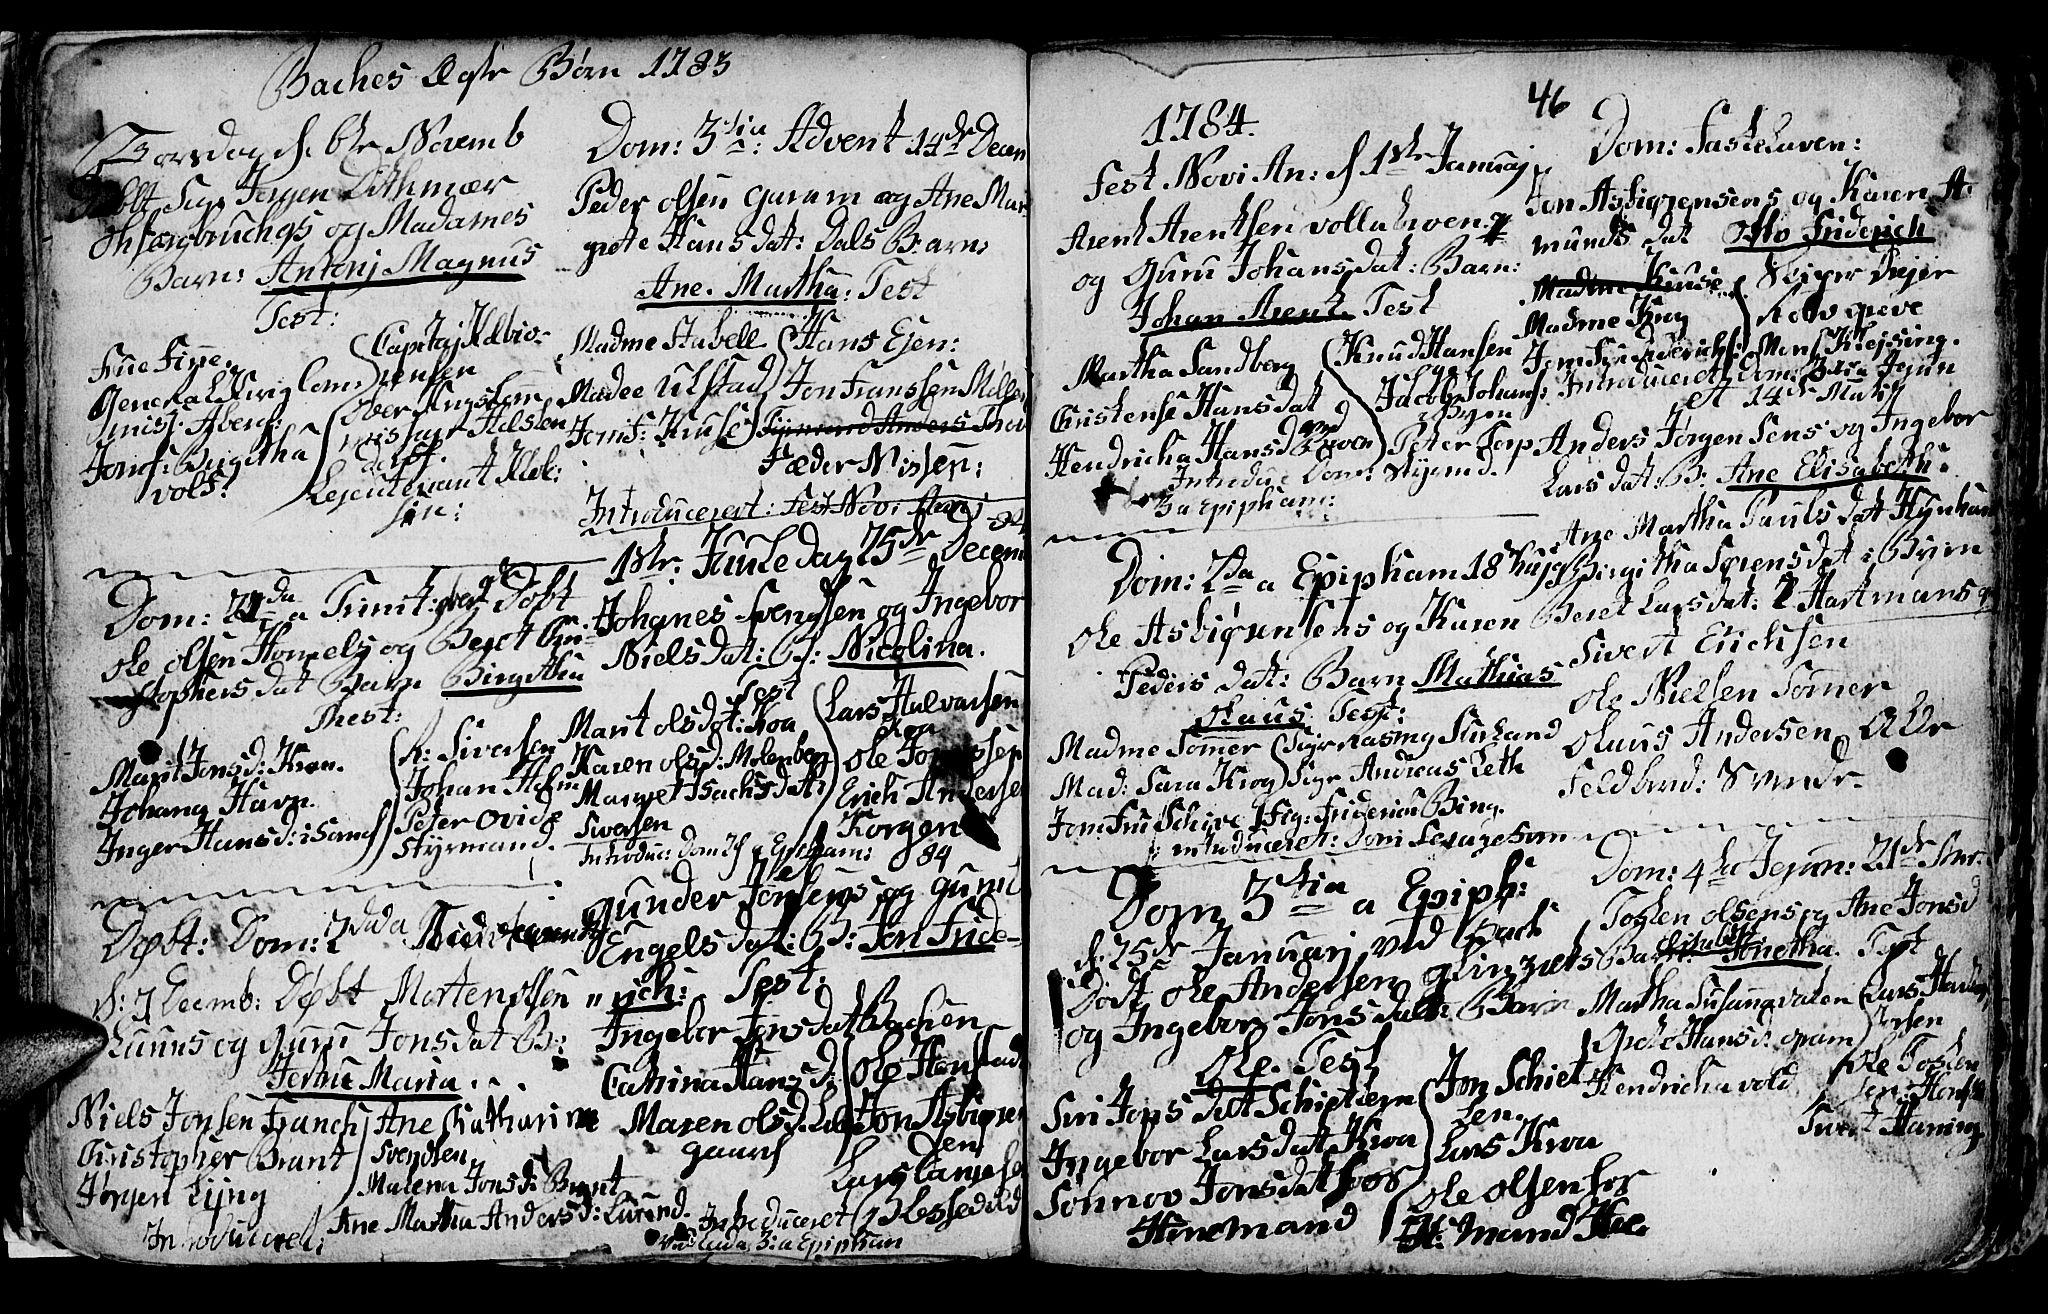 SAT, Ministerialprotokoller, klokkerbøker og fødselsregistre - Sør-Trøndelag, 604/L0218: Klokkerbok nr. 604C01, 1754-1819, s. 46